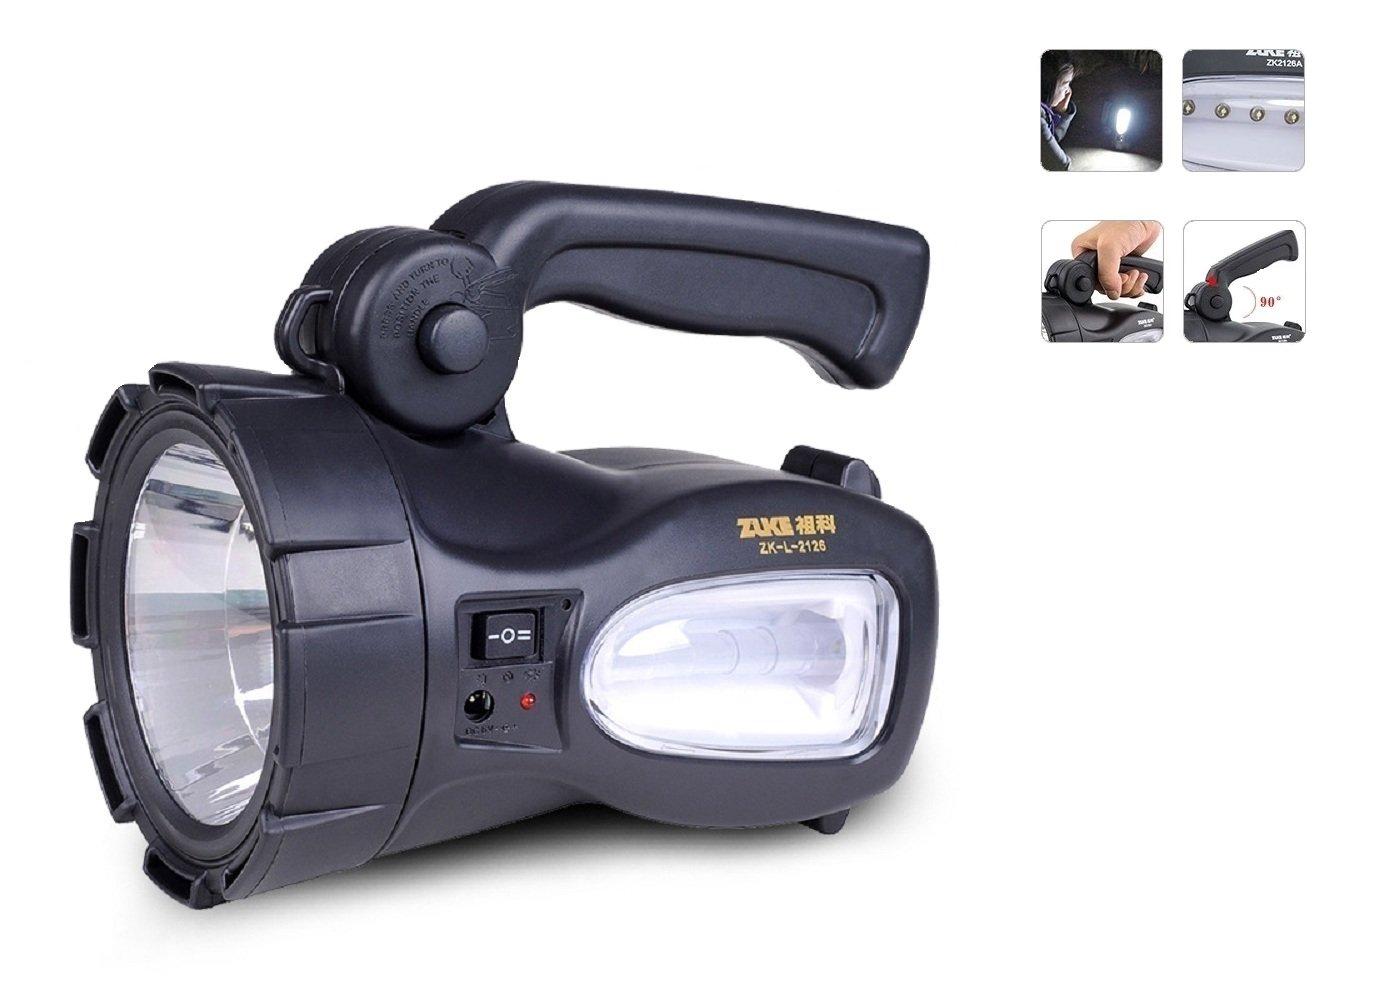 neuesten tragbaren Hochleistungs-Super Hell T6CREE XML LED Jungen- Searchlight Schalthebel Schein Taschenlampe Scheinwerfer Fernbedienung lang Shot Outdoor Groß wiederaufladbar Suche Leuchten Stimmer Taschenlampe Strahler Lampe Birne für die Jagd Angeln C